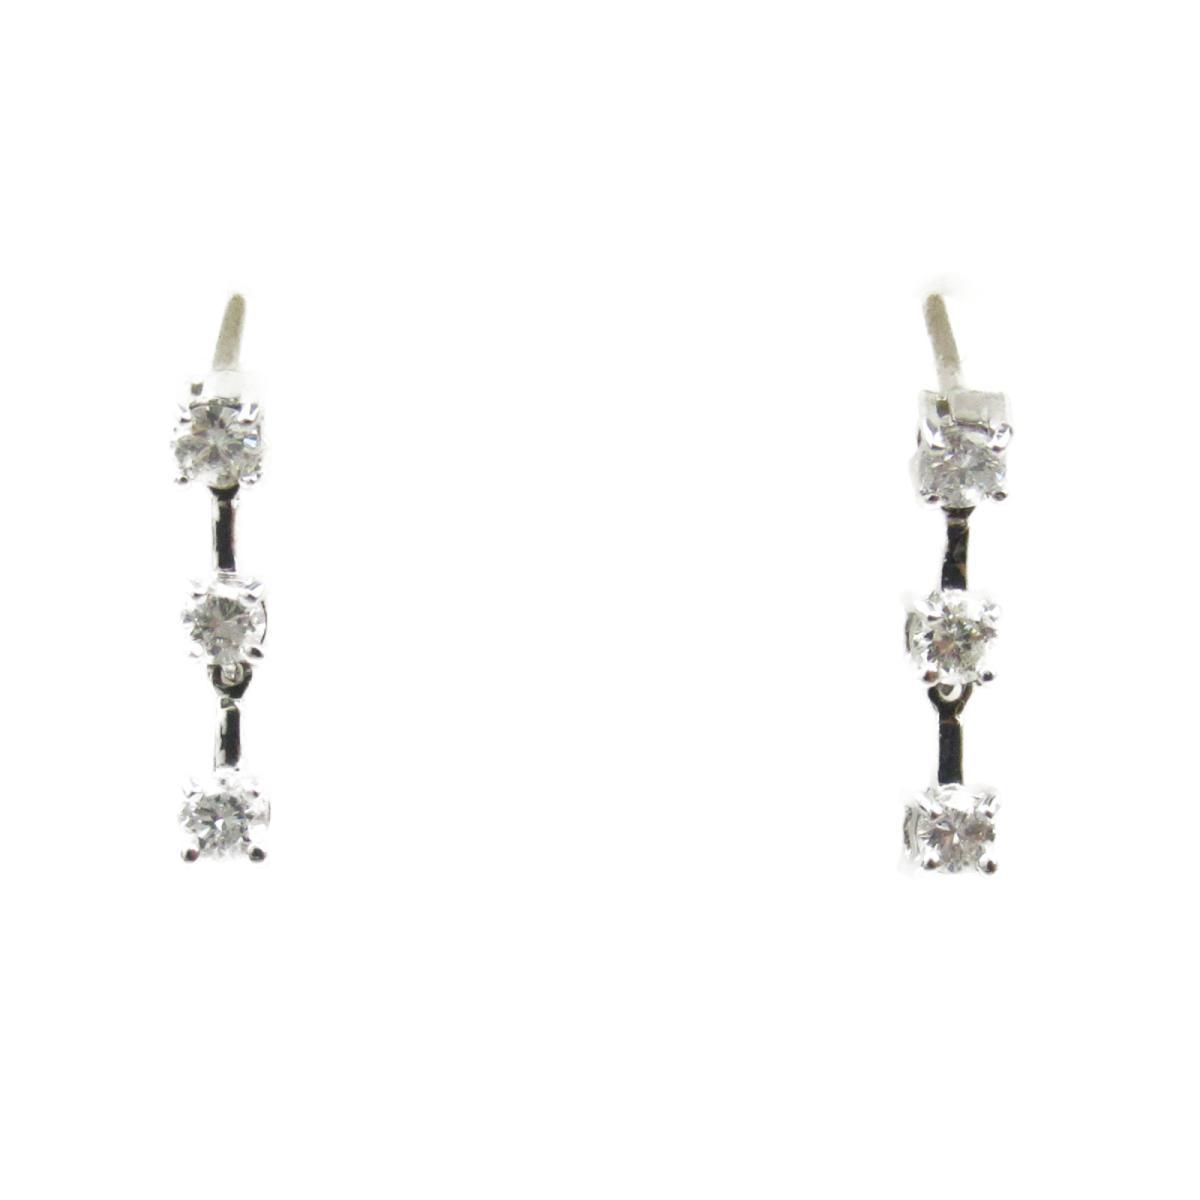 ジュエリー ダイヤモンド ピアス ノーブランドジュエリー レディース K18WG (750) ホワイトゴールド x ダイヤモンド0.10*2 【中古】 | JEWELRY BRANDOFF ブランドオフ アクセサリー